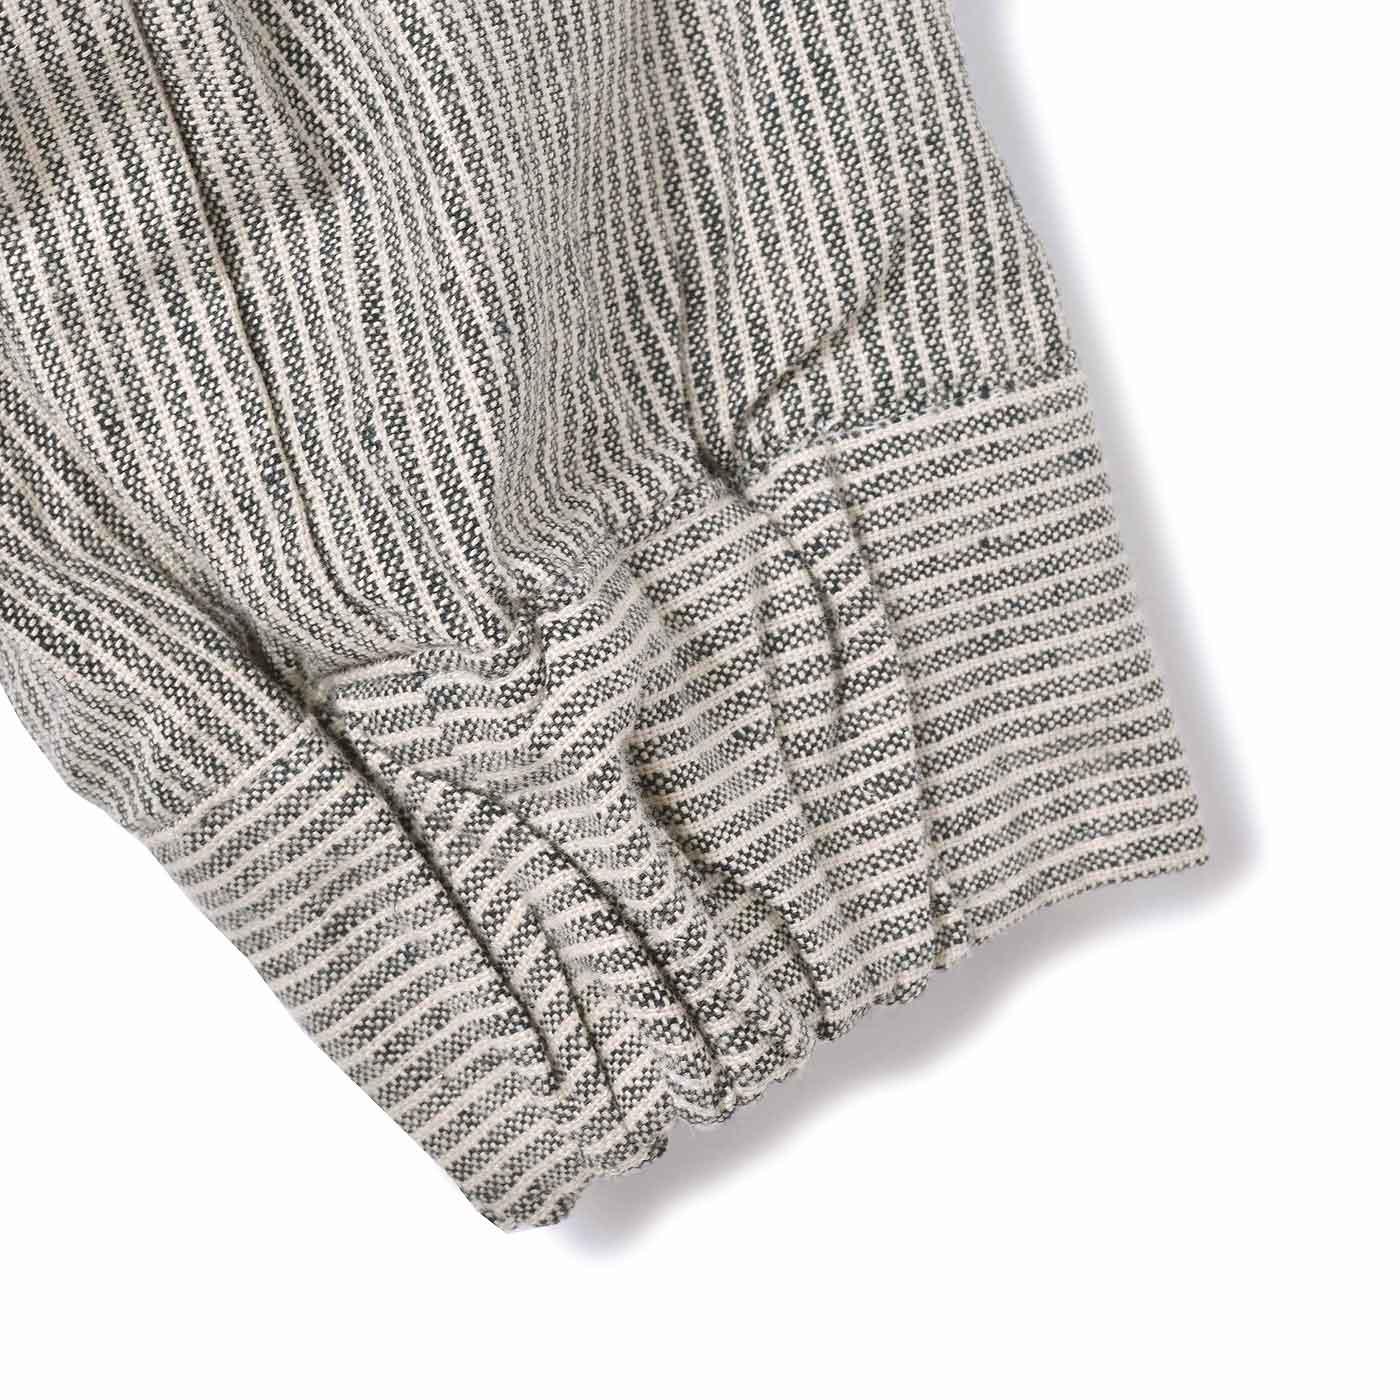 袖口はゴム仕様で着脱簡単&すき間風をブロック。